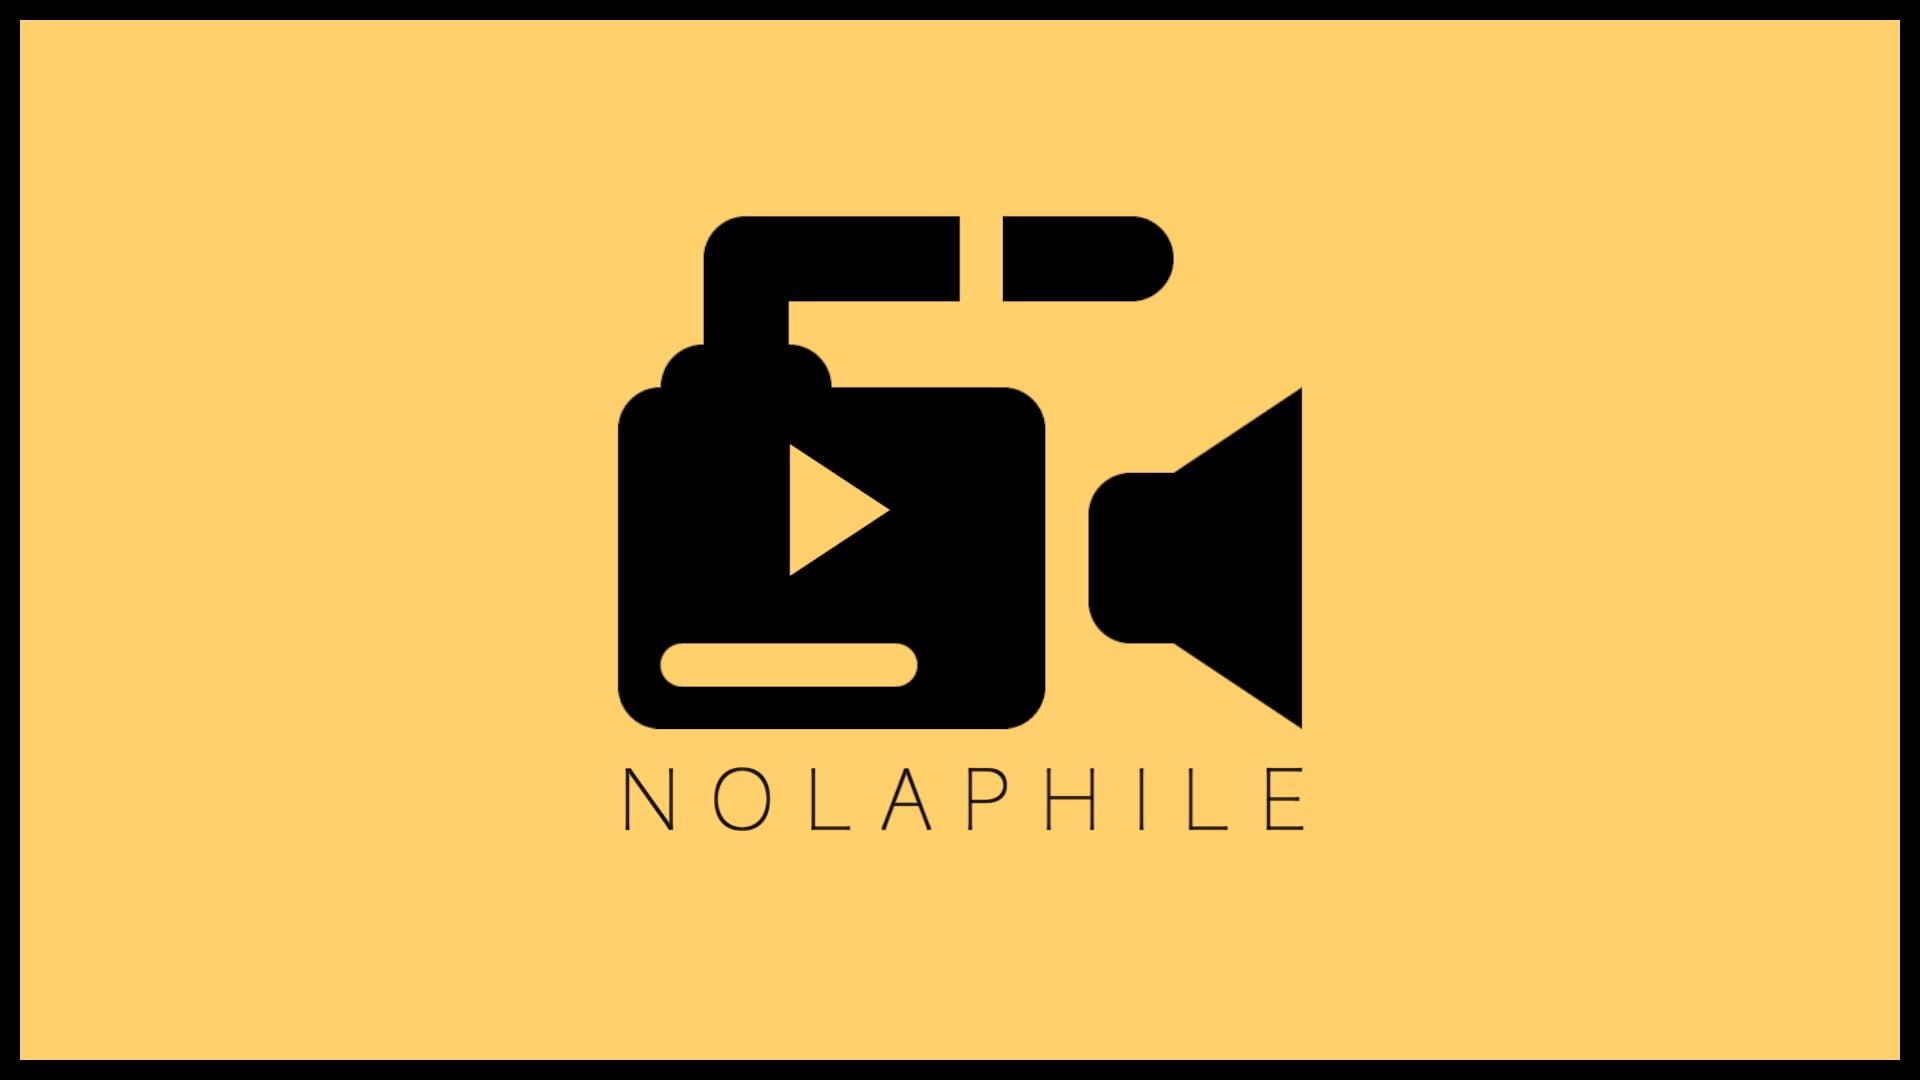 Nolaphile